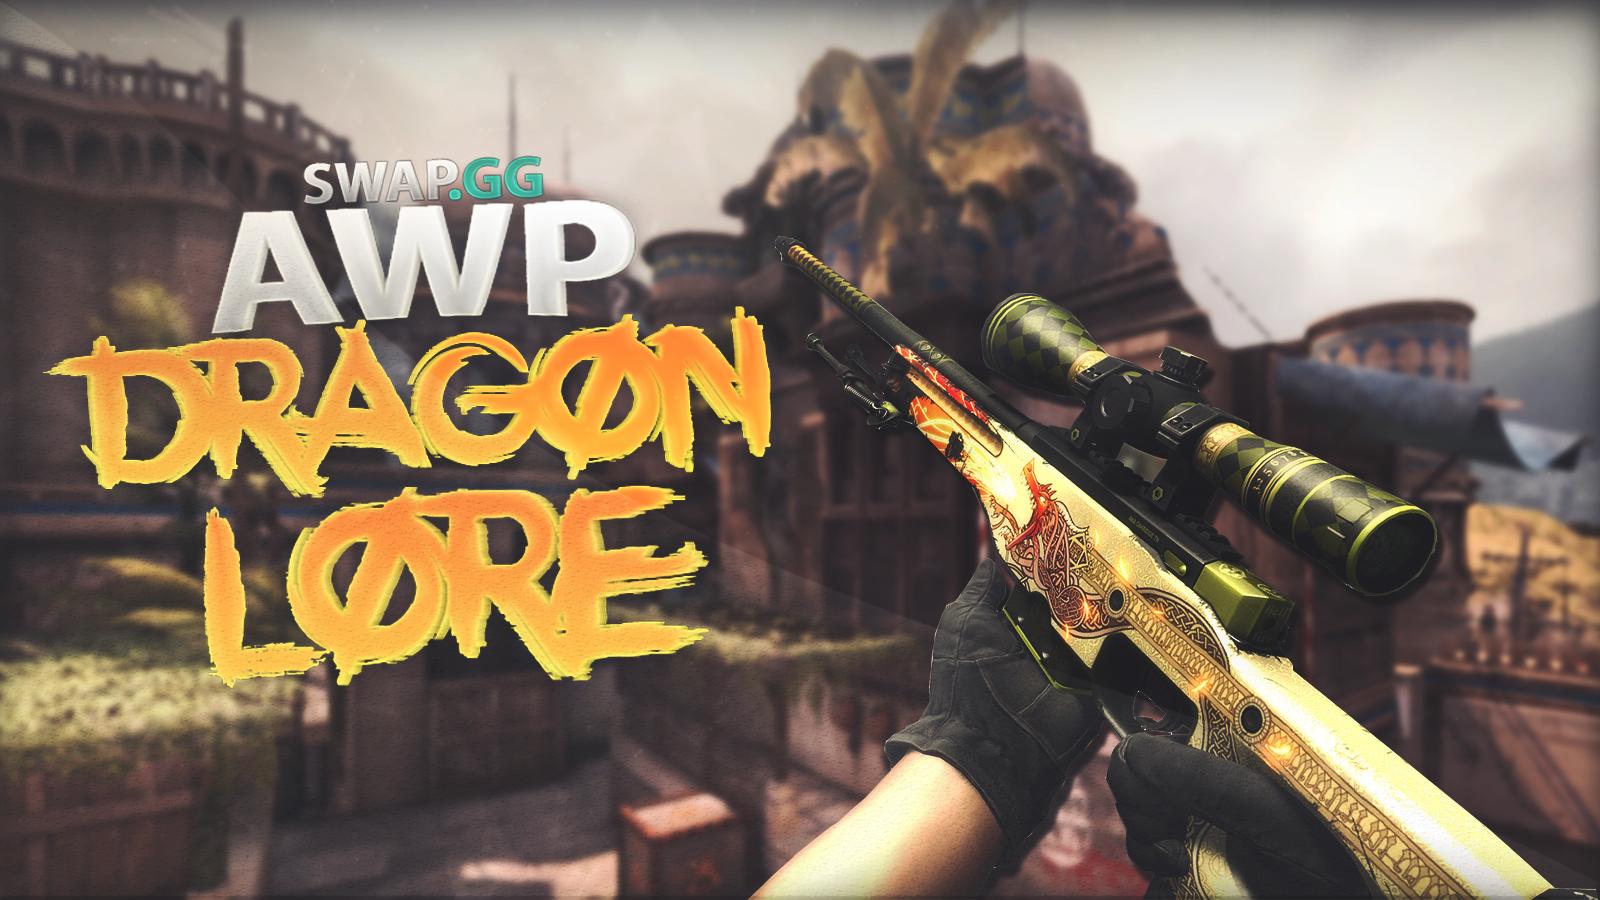 AWP Dragon Lore 4K Wallpaper